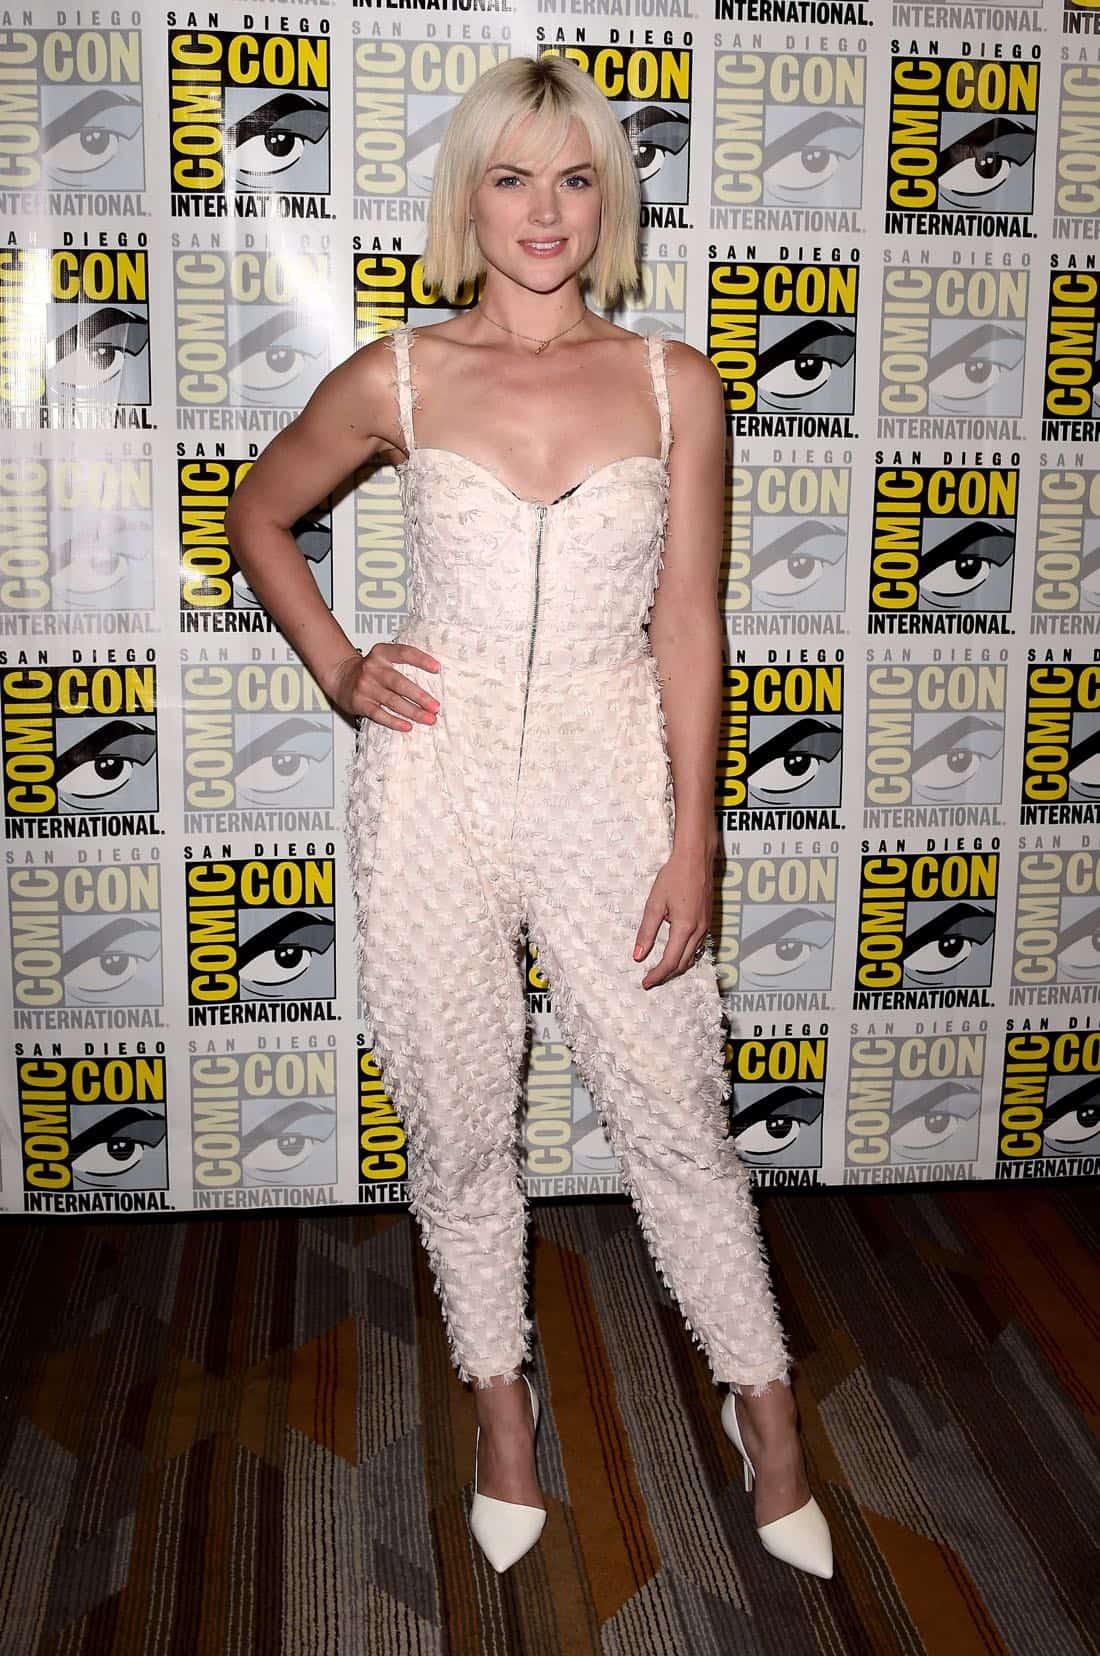 Comic Con SDCC Gotham 13